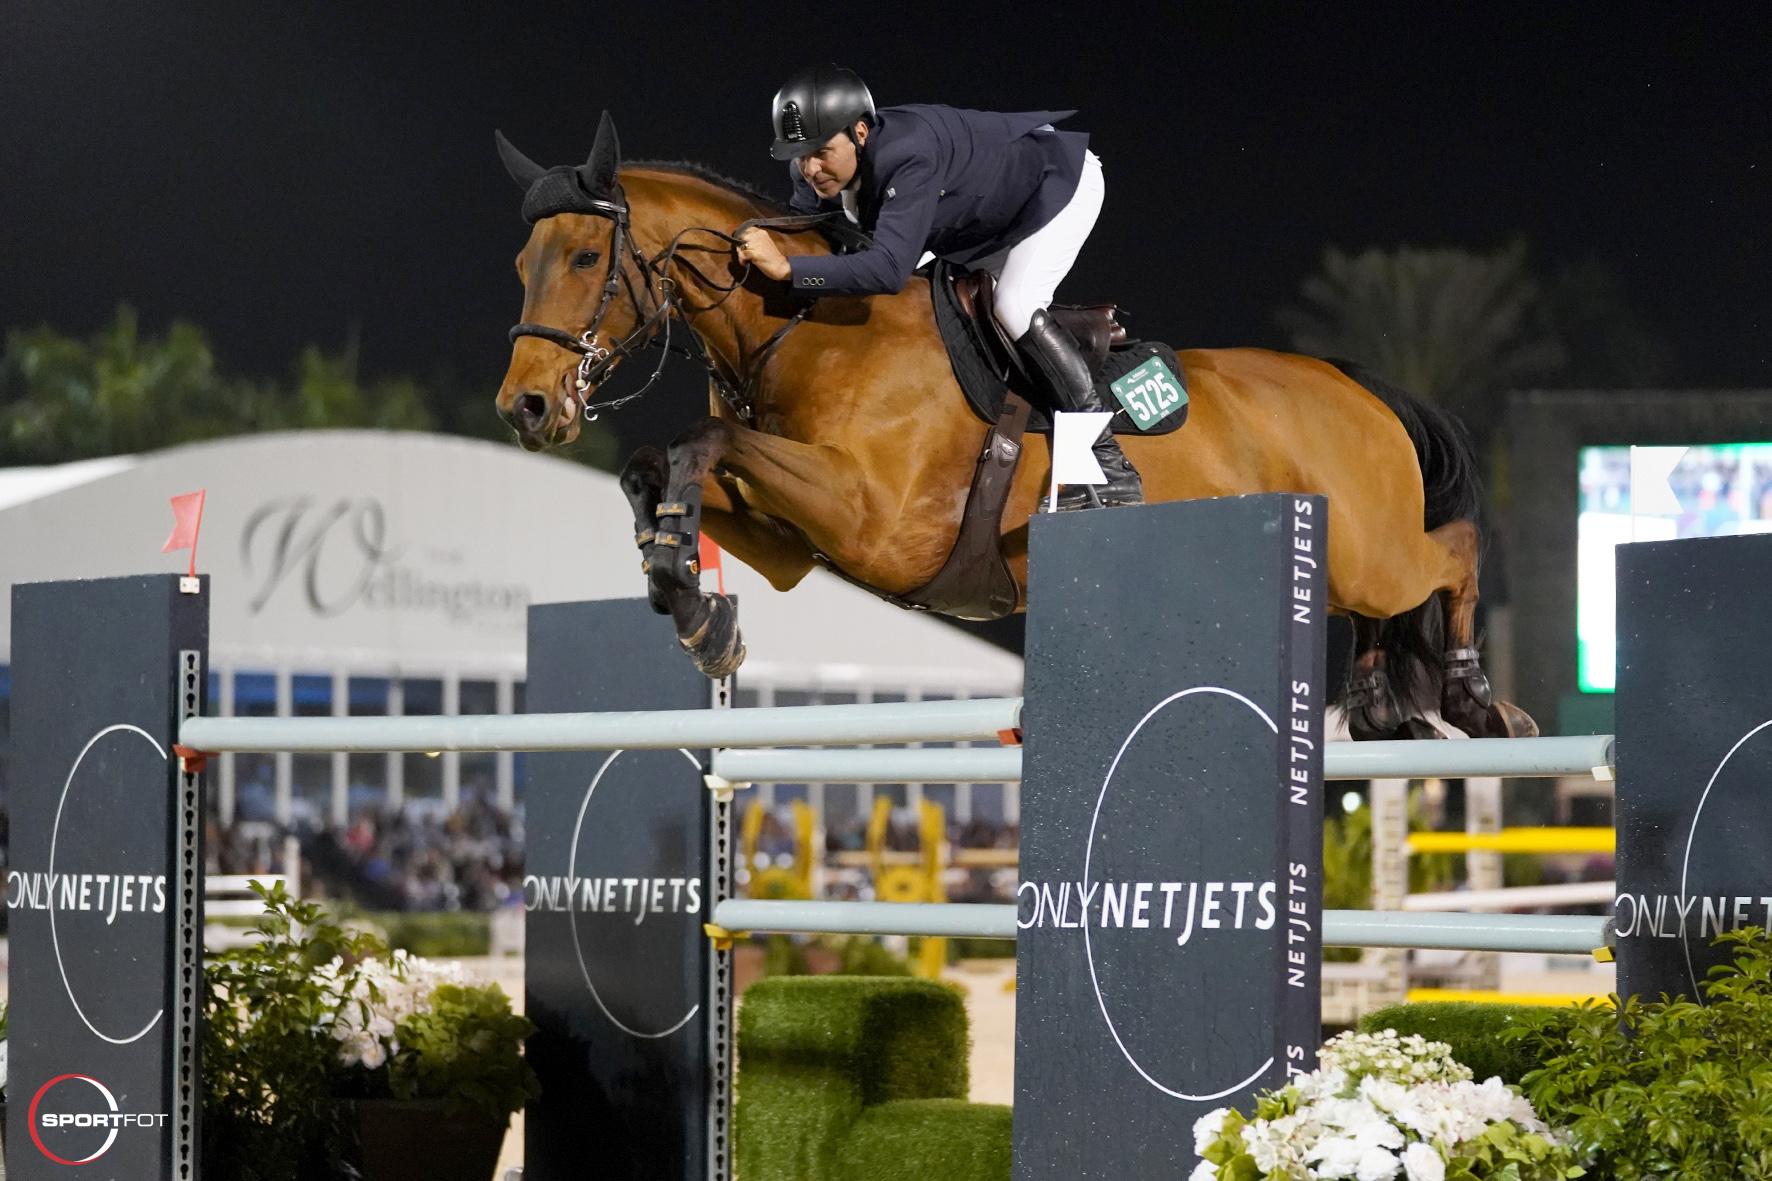 Santiago Lambre and Cetano van Aspergem Z by Sportfot 517_3565